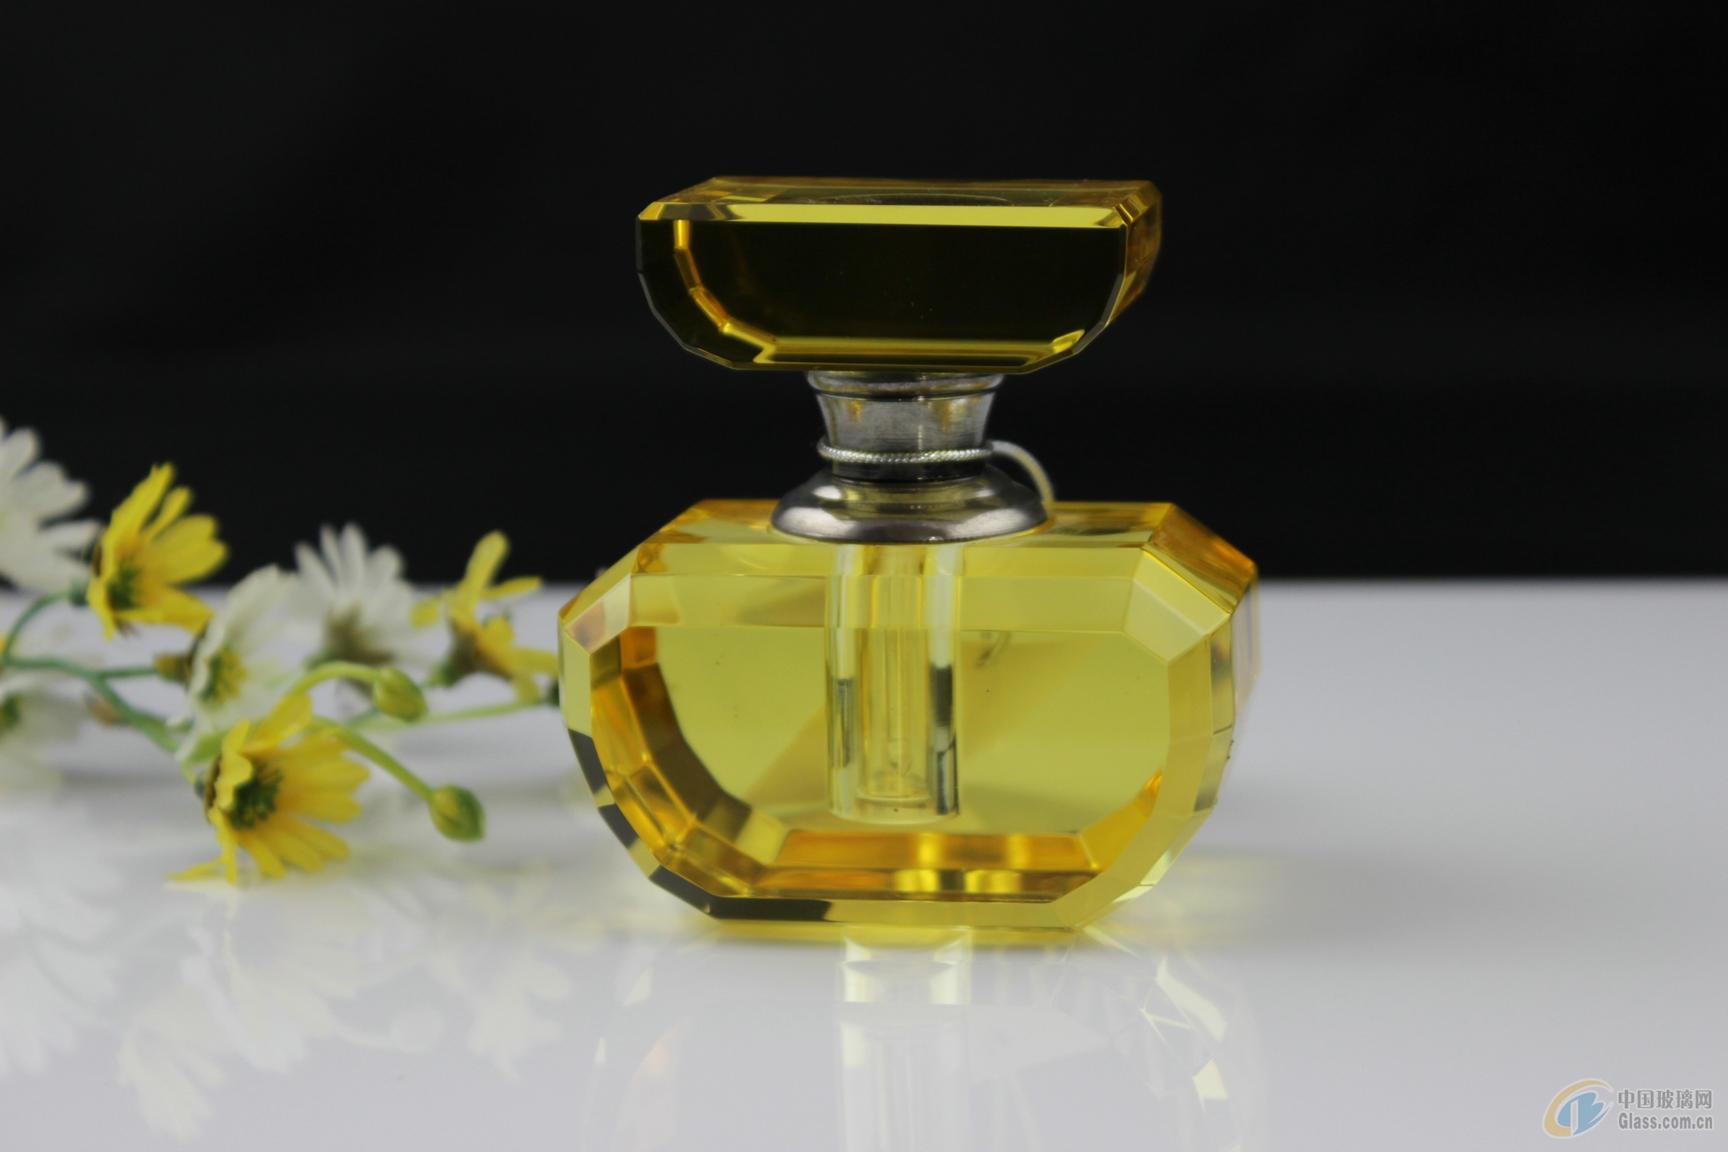 供应扬州康龙水晶香水瓶/中国玻璃网推荐产品